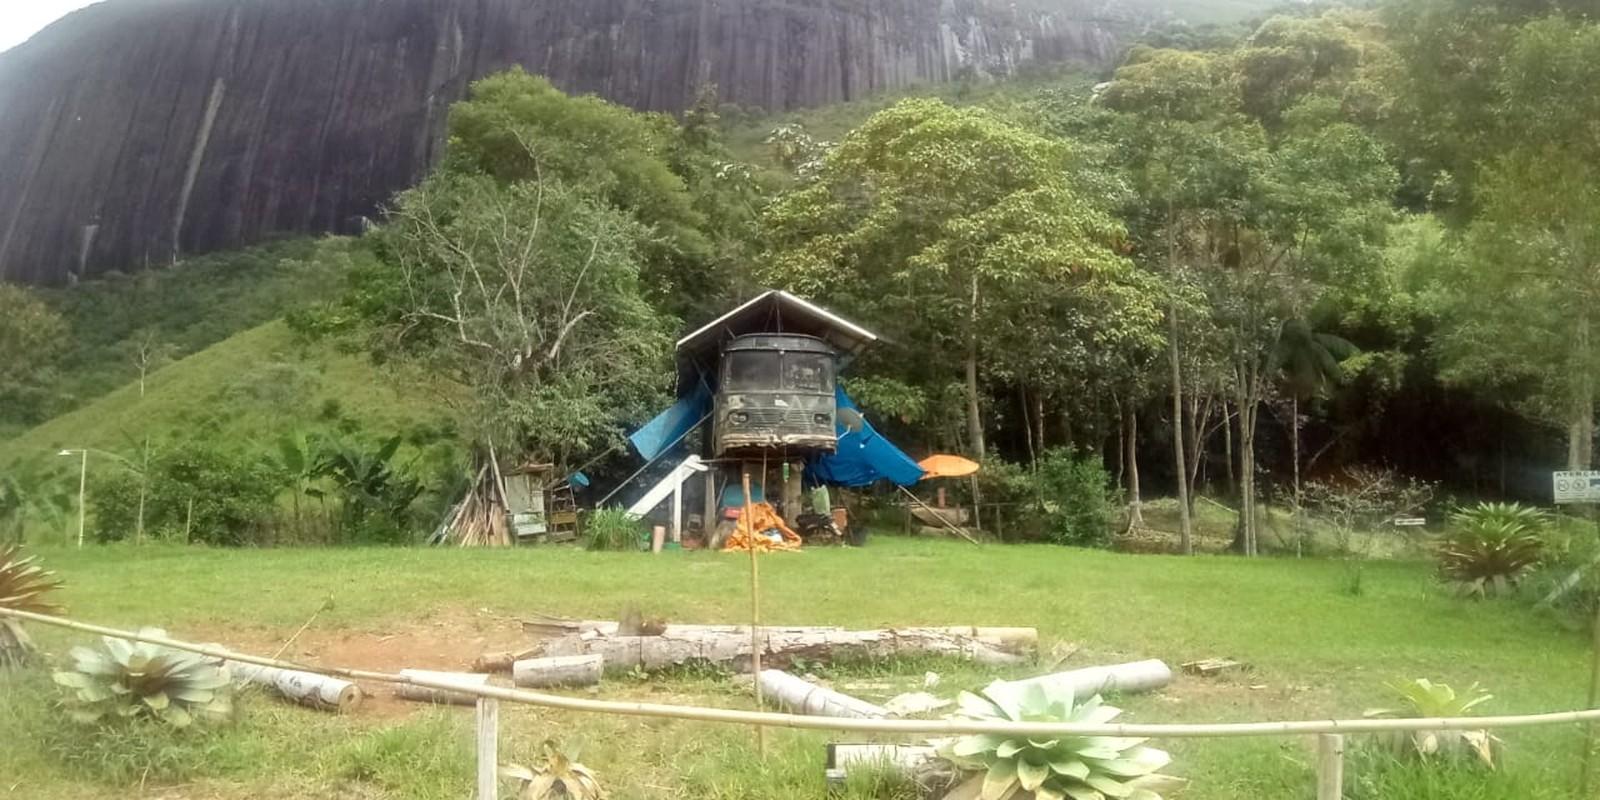 Imóvel construído dentro de uma Área de Preservação Permanente (Foto: UPAm)